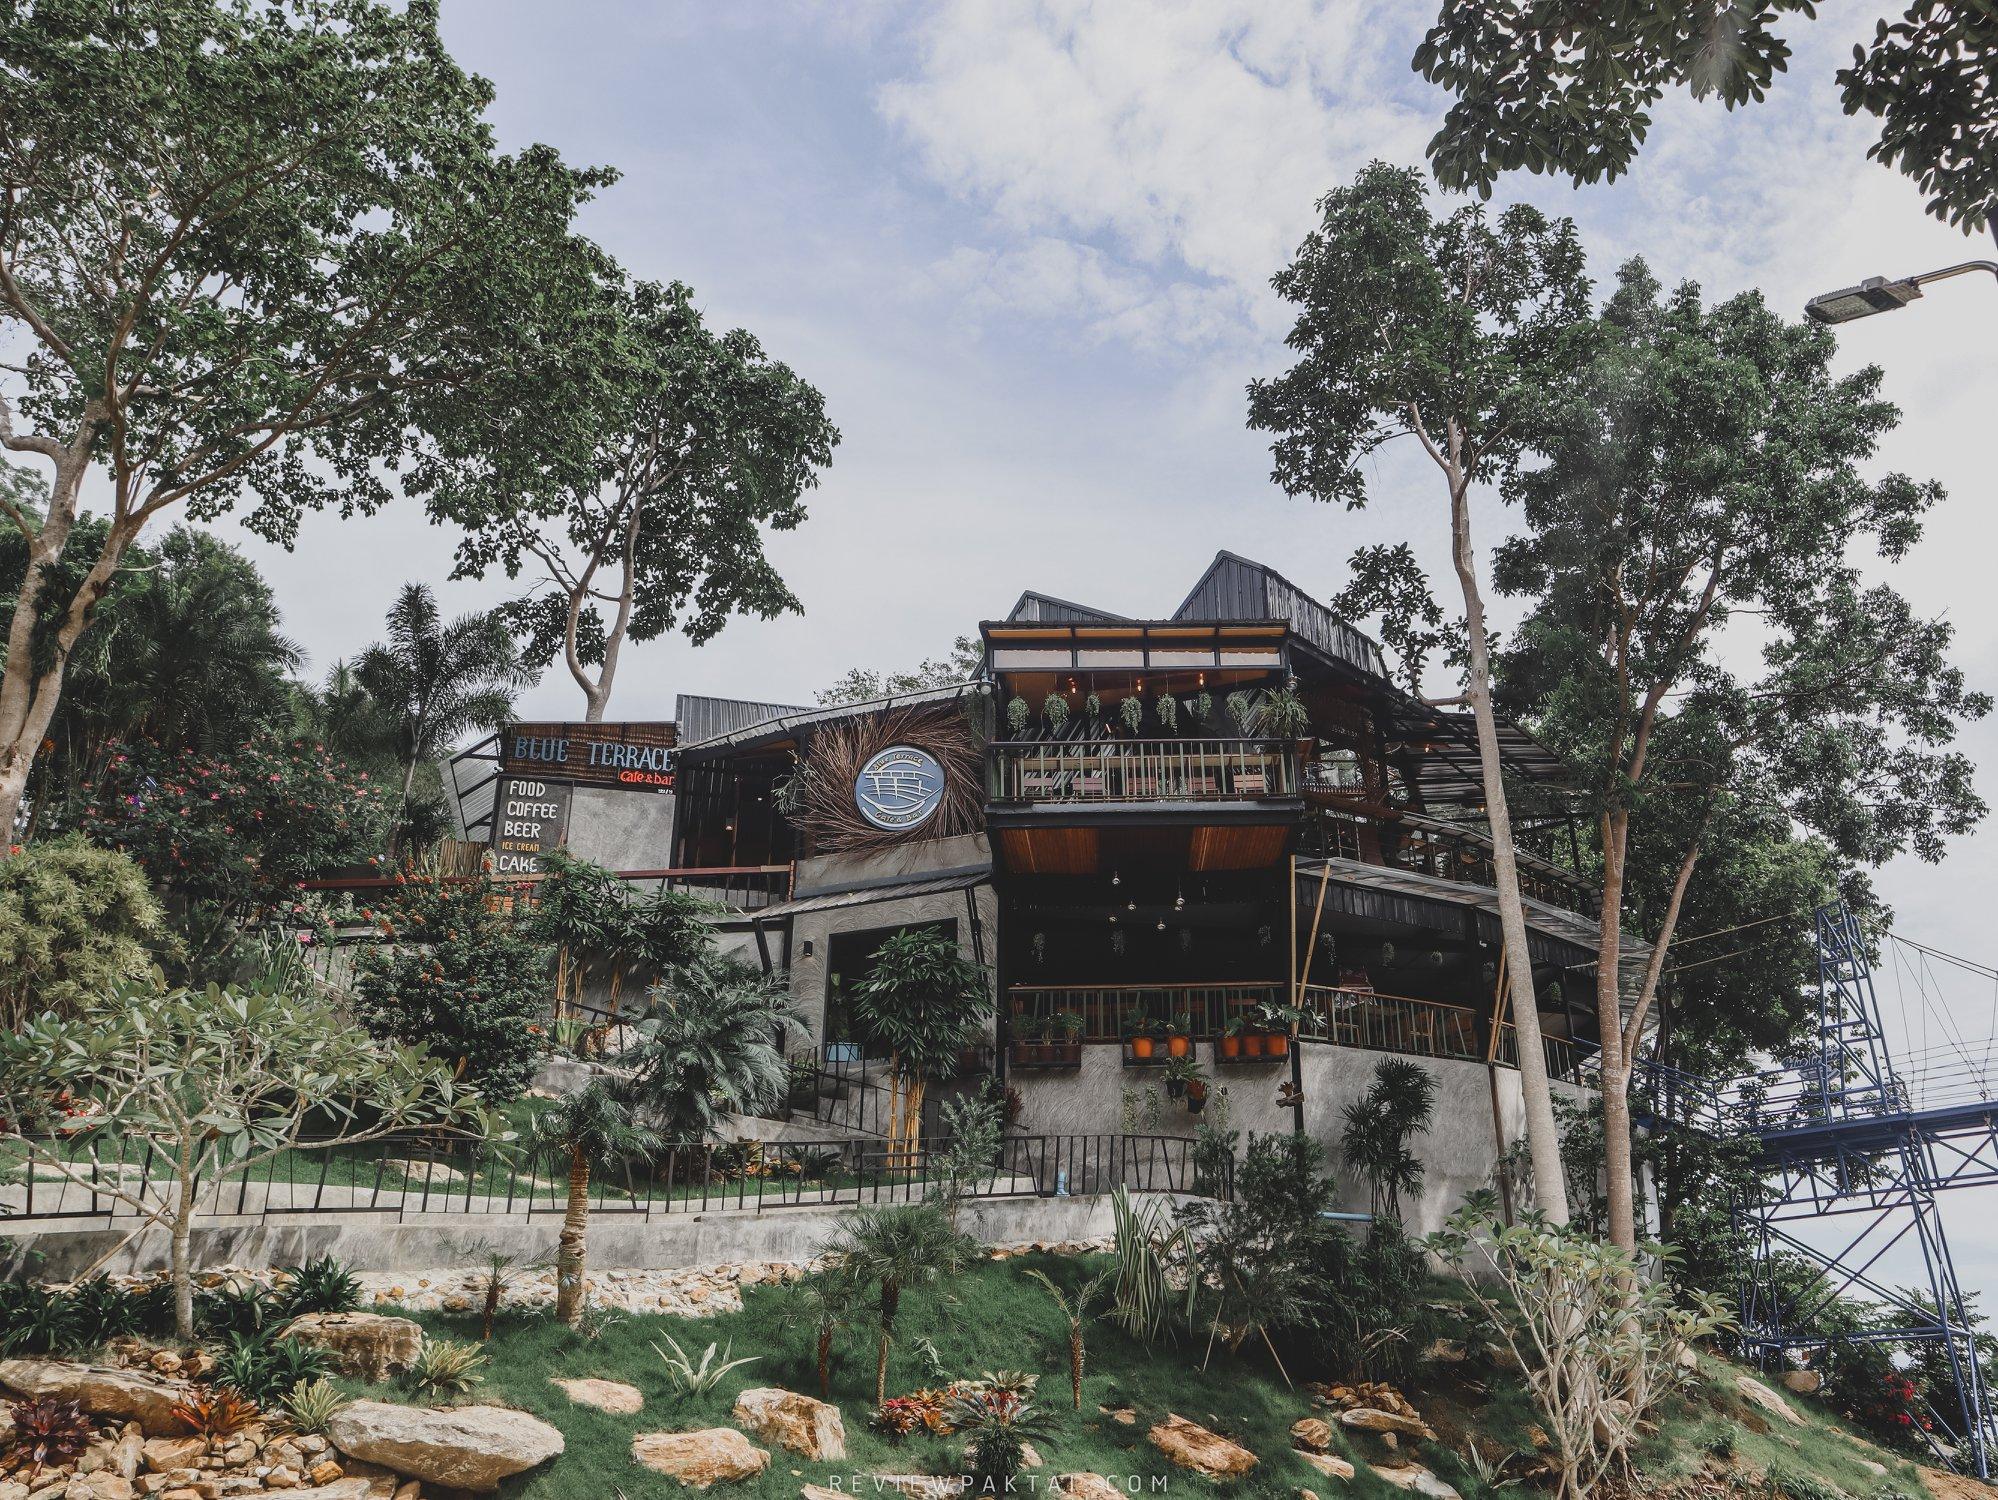 คาเฟ่-ร้านอาหาร-ลงทุนมวากก ขนอม,คาเฟ่,Blueterrace,อร่อย,วิวหลักล้าน,กลางป่า,นครศรีธรรมราช